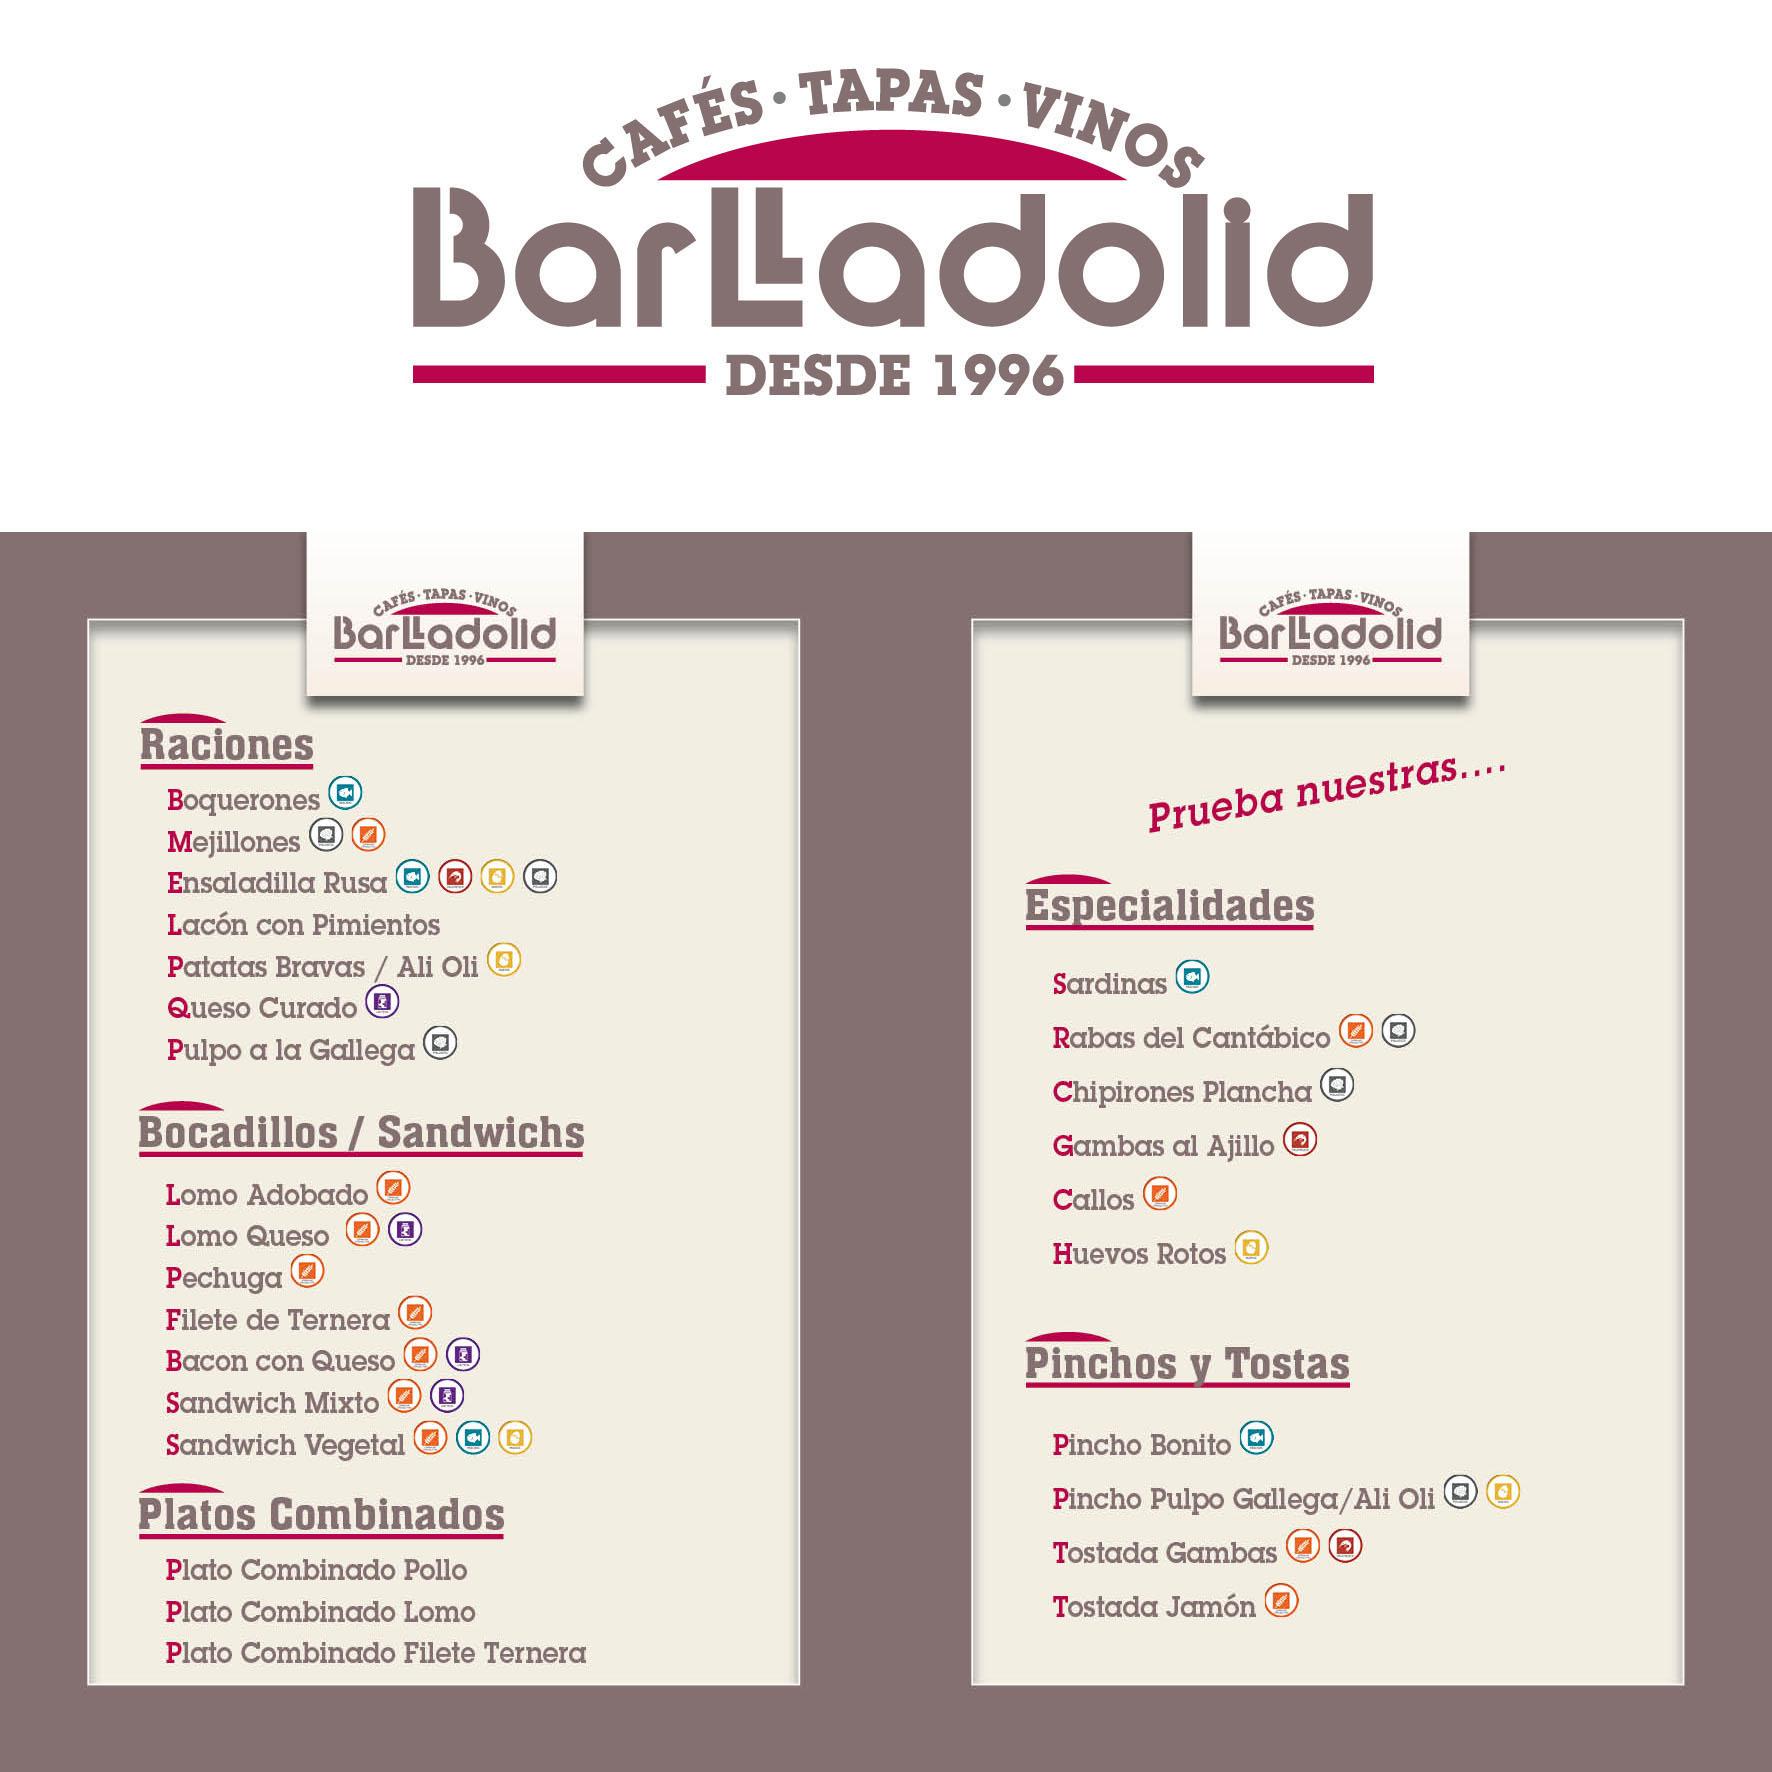 barlladolid-carta-2021-completa